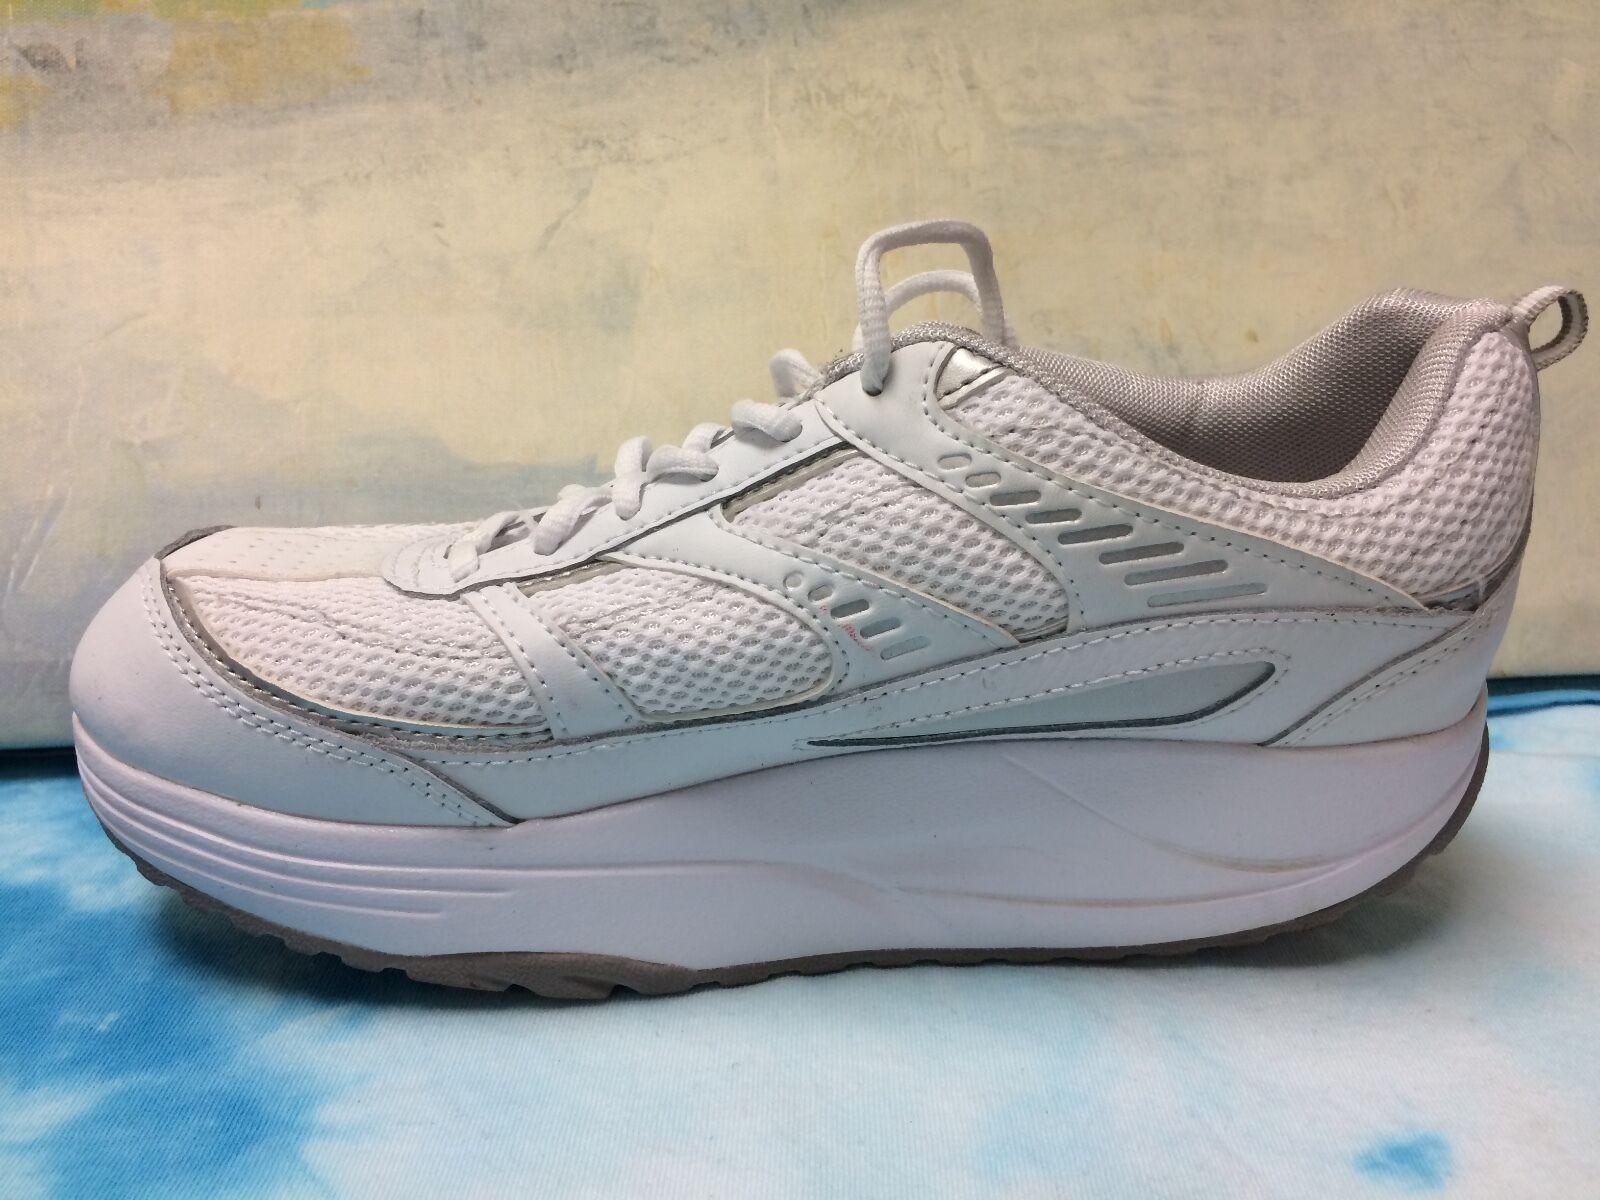 Danskin Womens White Leather Shape-Ups Sneakers size 9.5